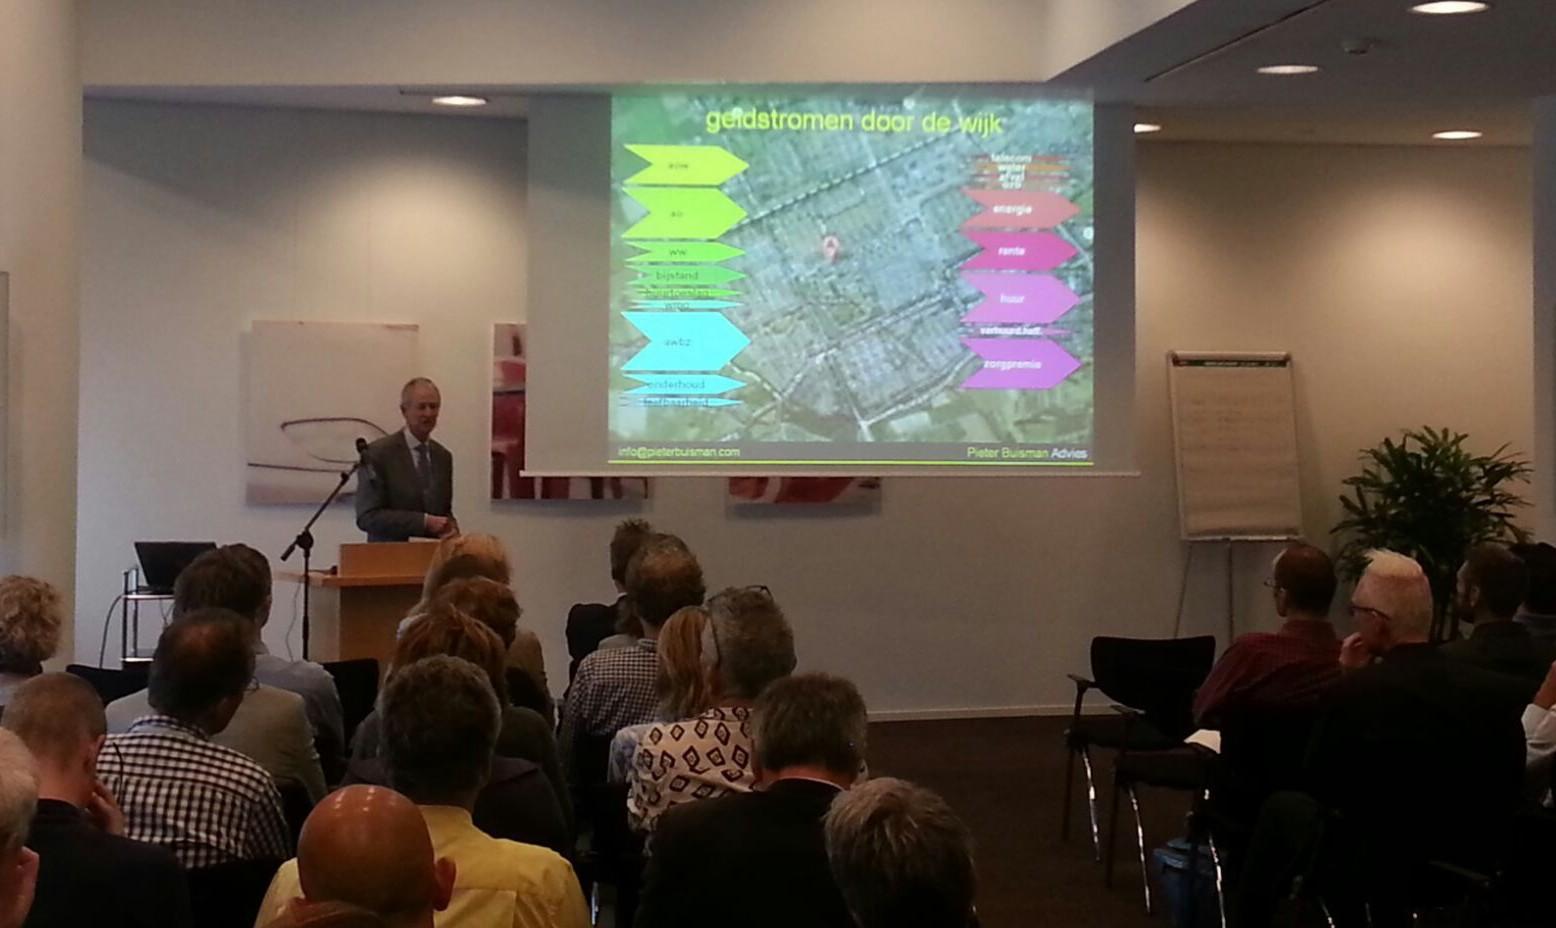 Haagse lobby over geldstromen door de wijk - in en uit